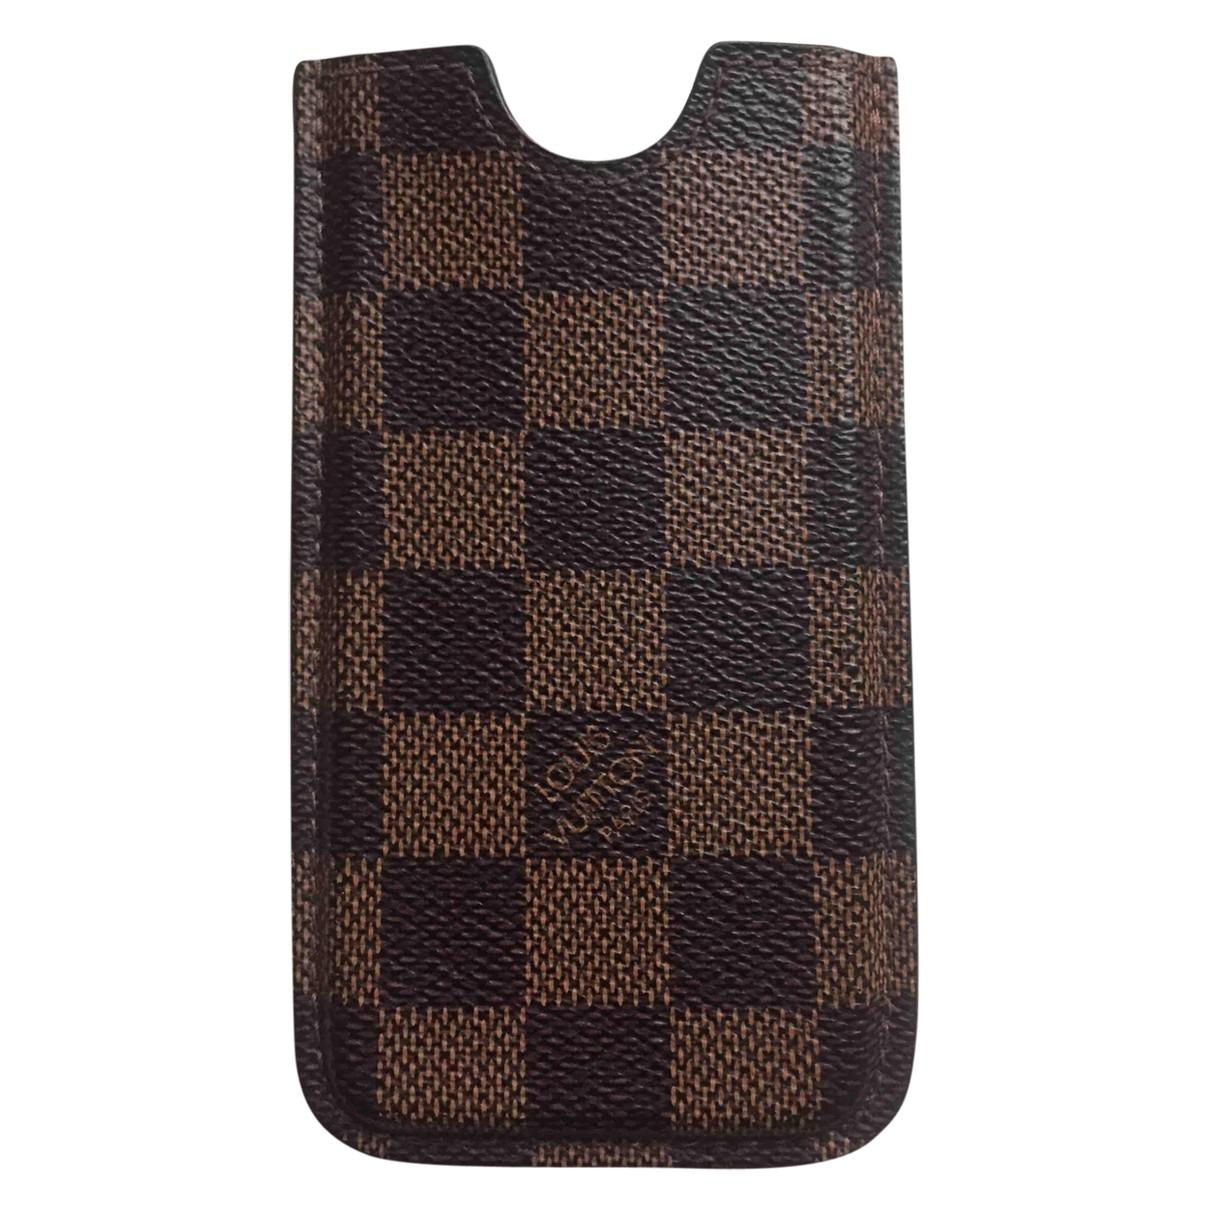 Louis Vuitton - Accessoires   pour lifestyle en cuir - marron